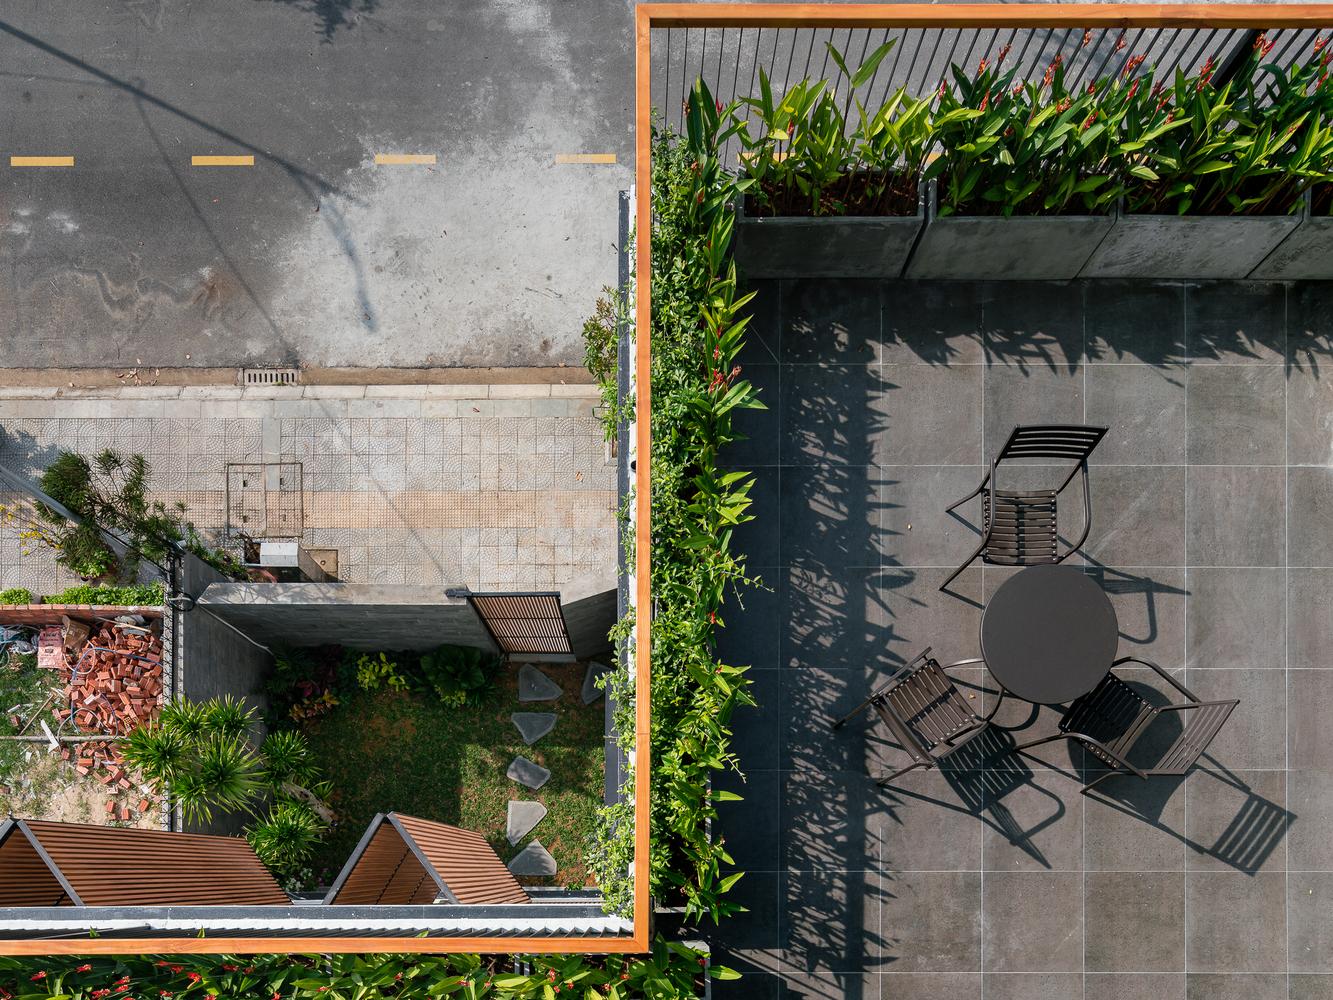 Ảnh chụp ban công và vườn nhìn từ trên cao